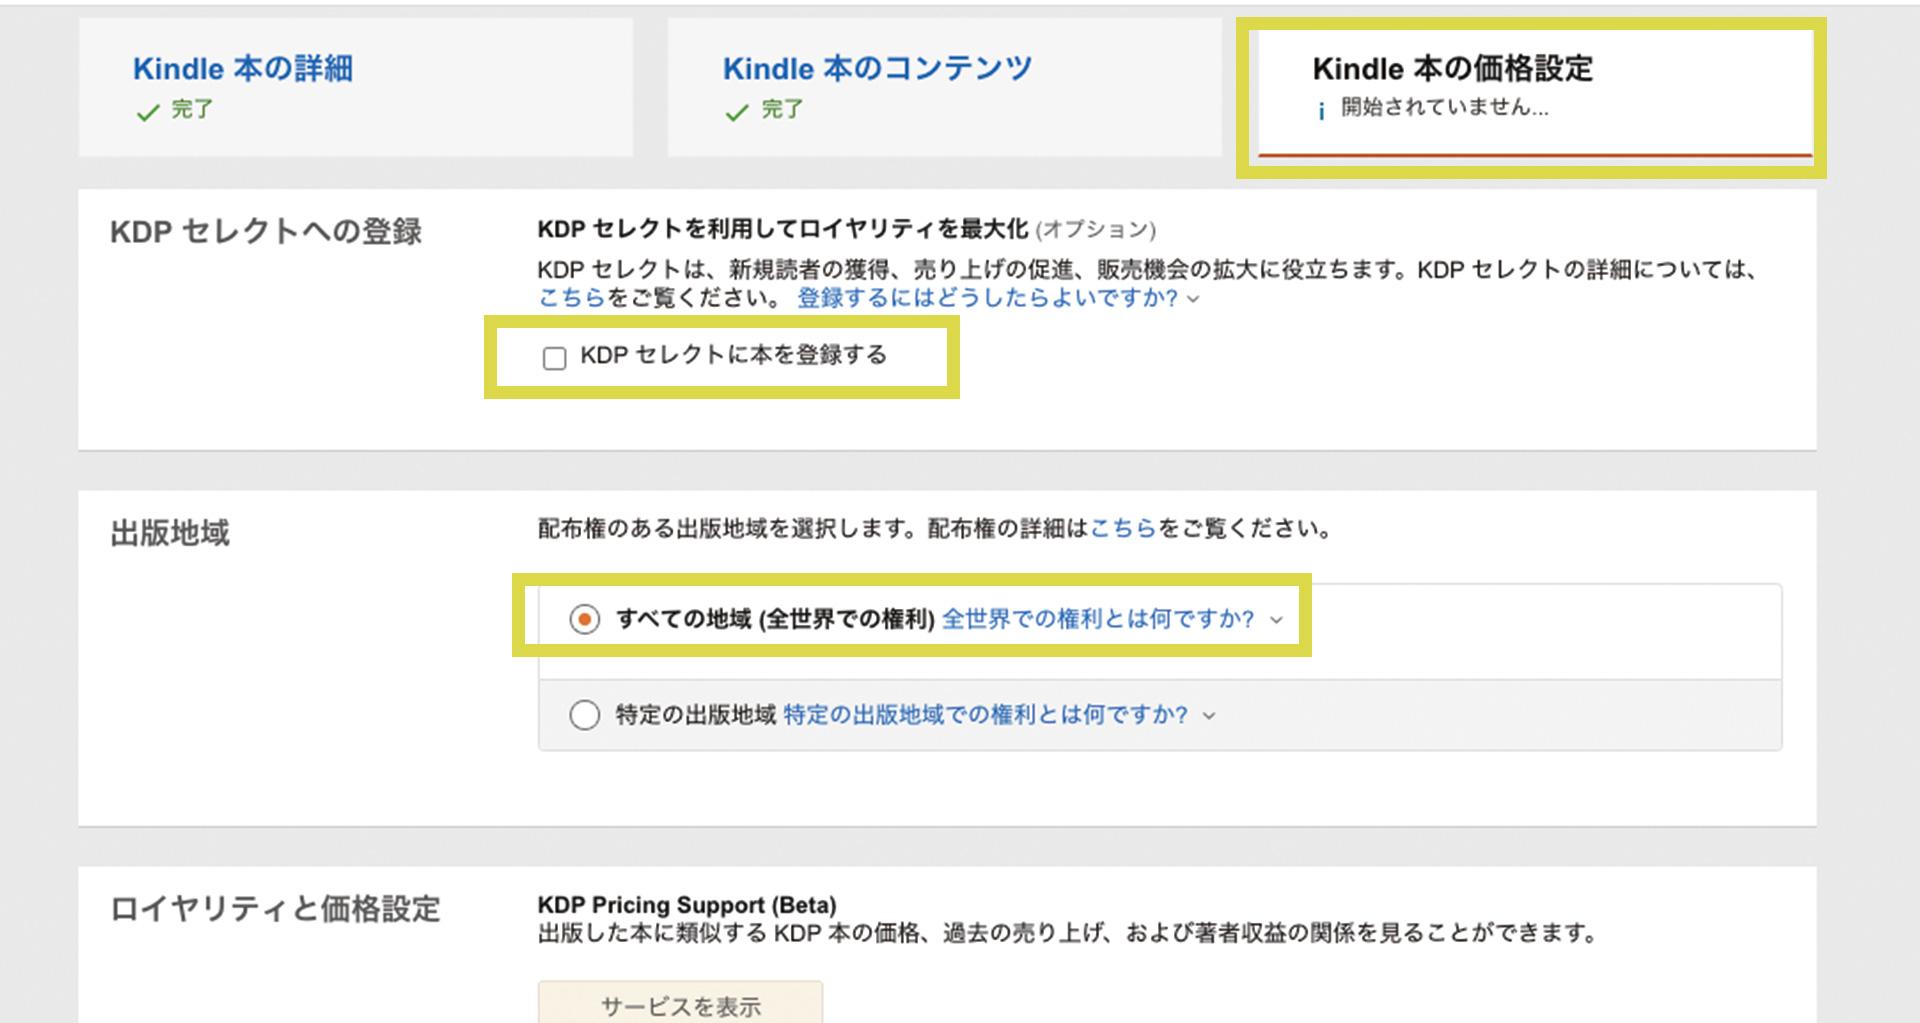 Kindleダイレクトパブリッシングの本の価格設定をしよう